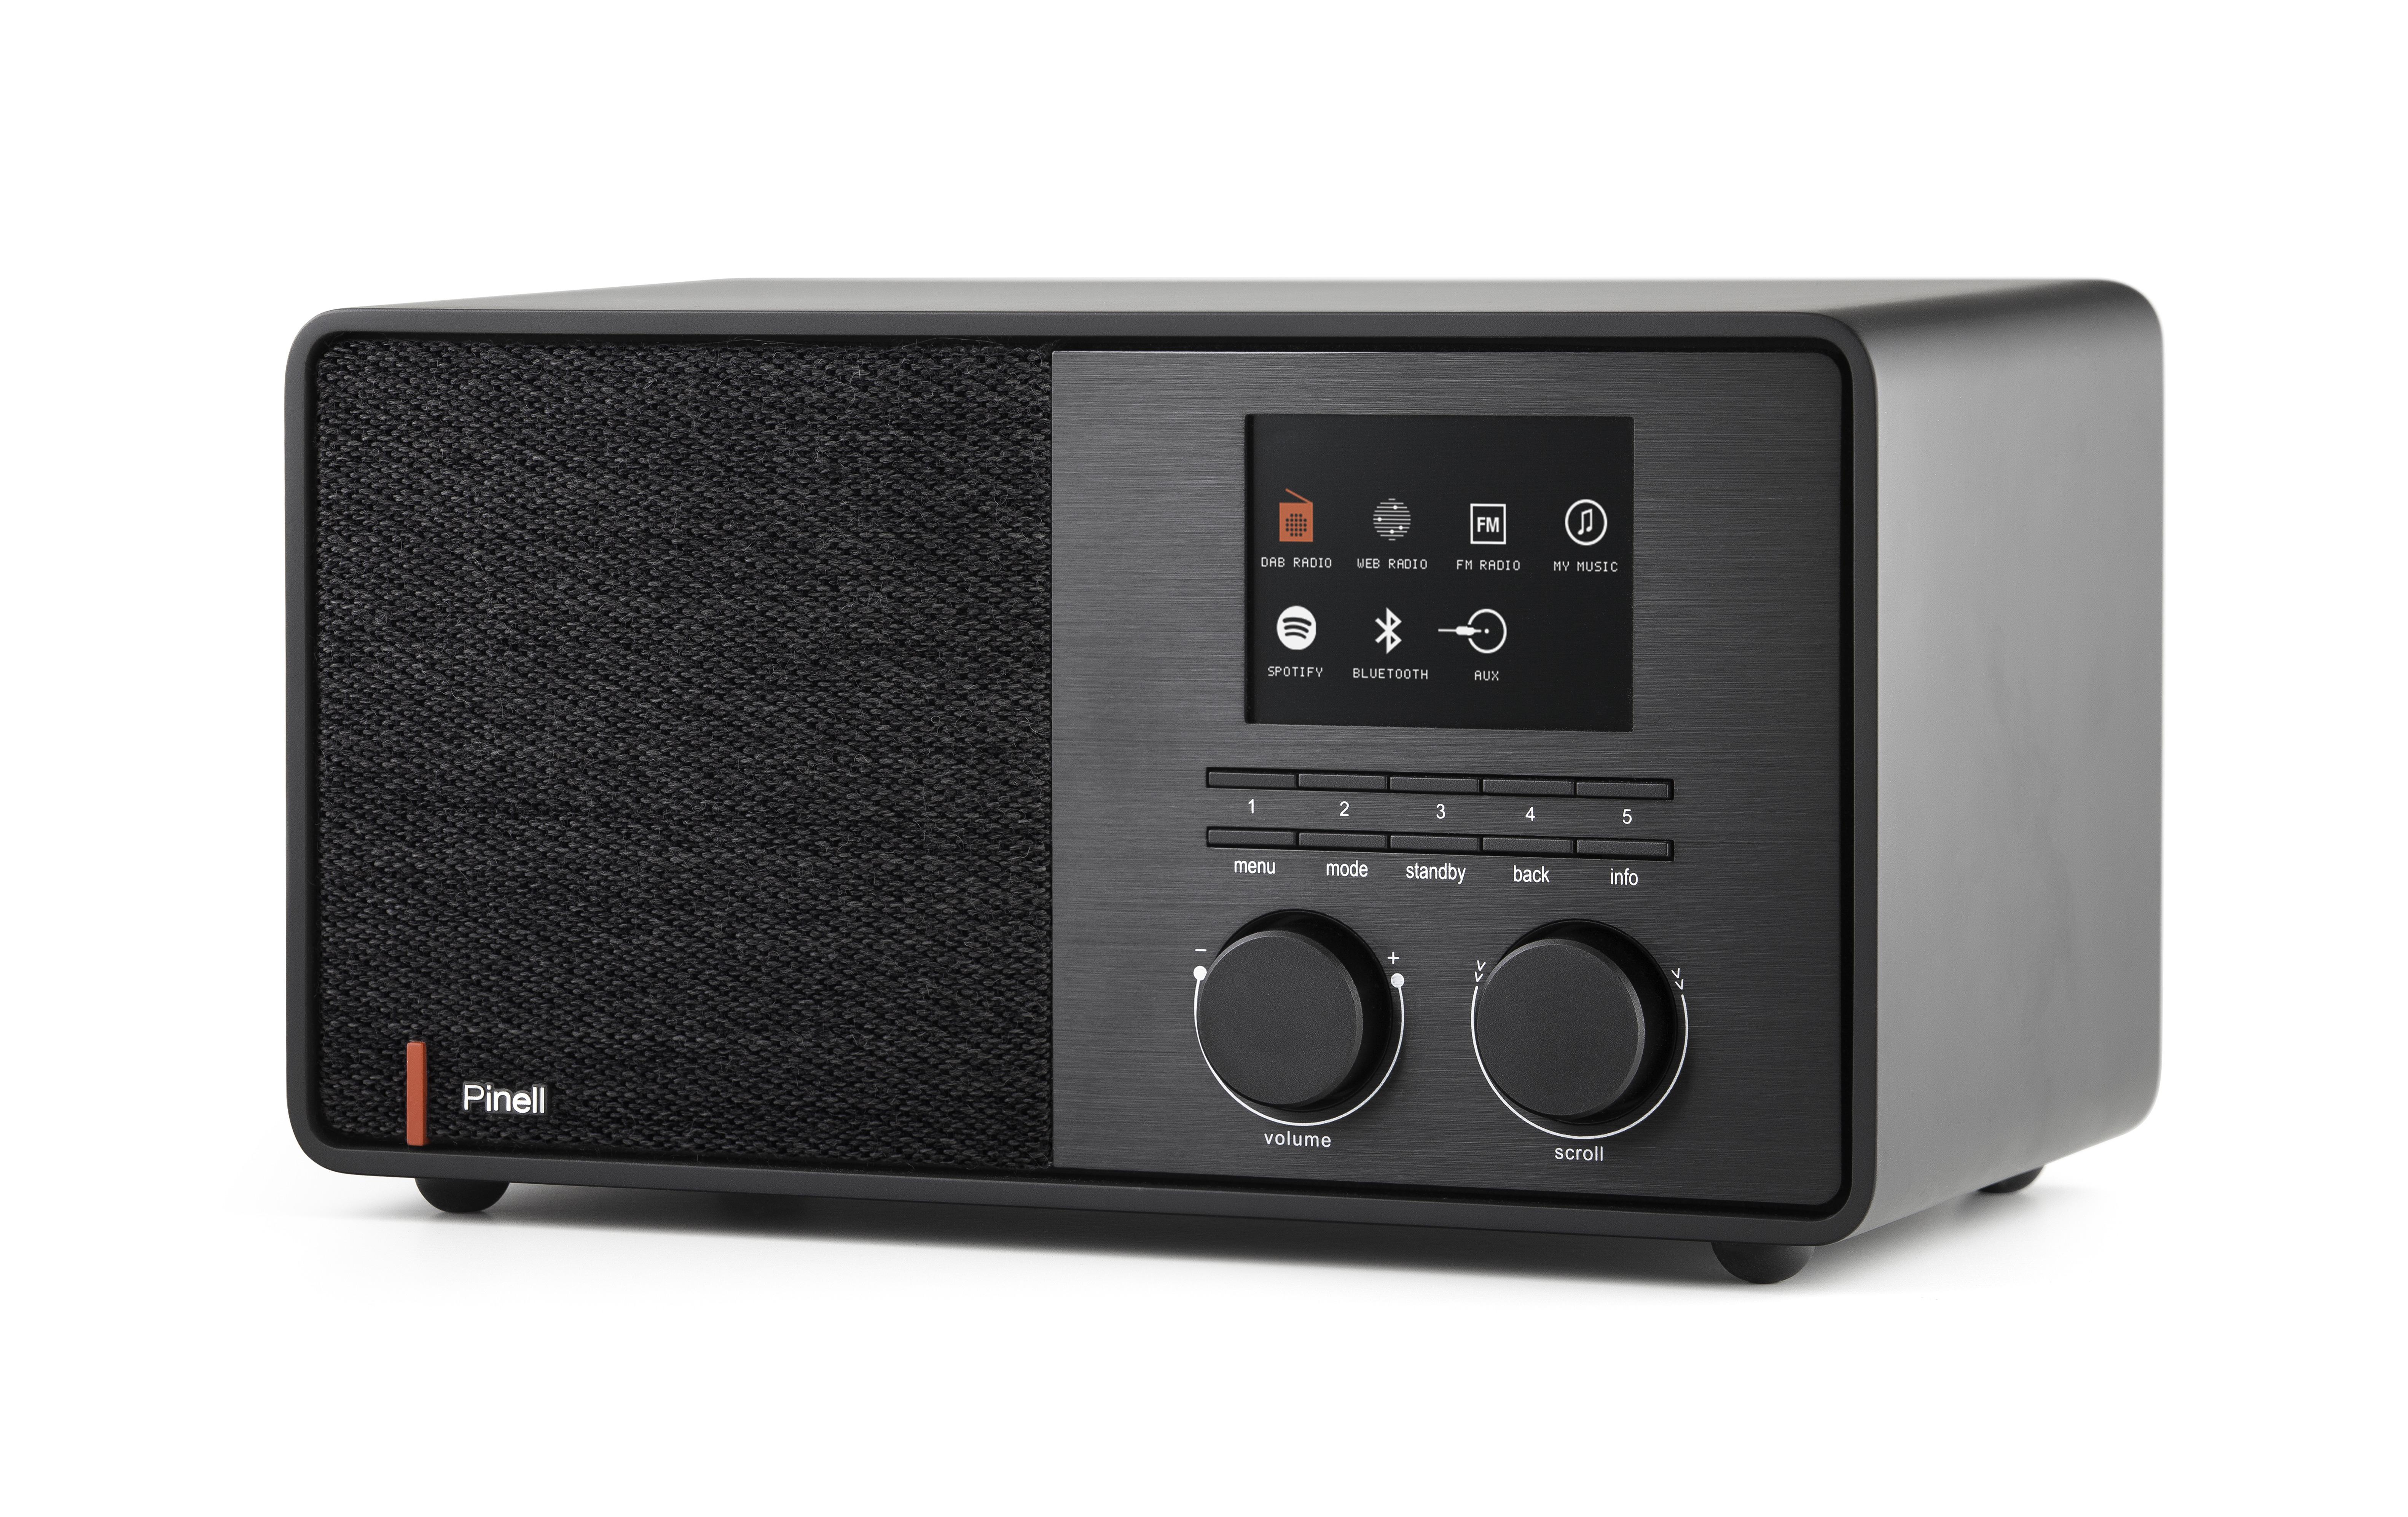 Pinell dab radio Supersound 301 zwart